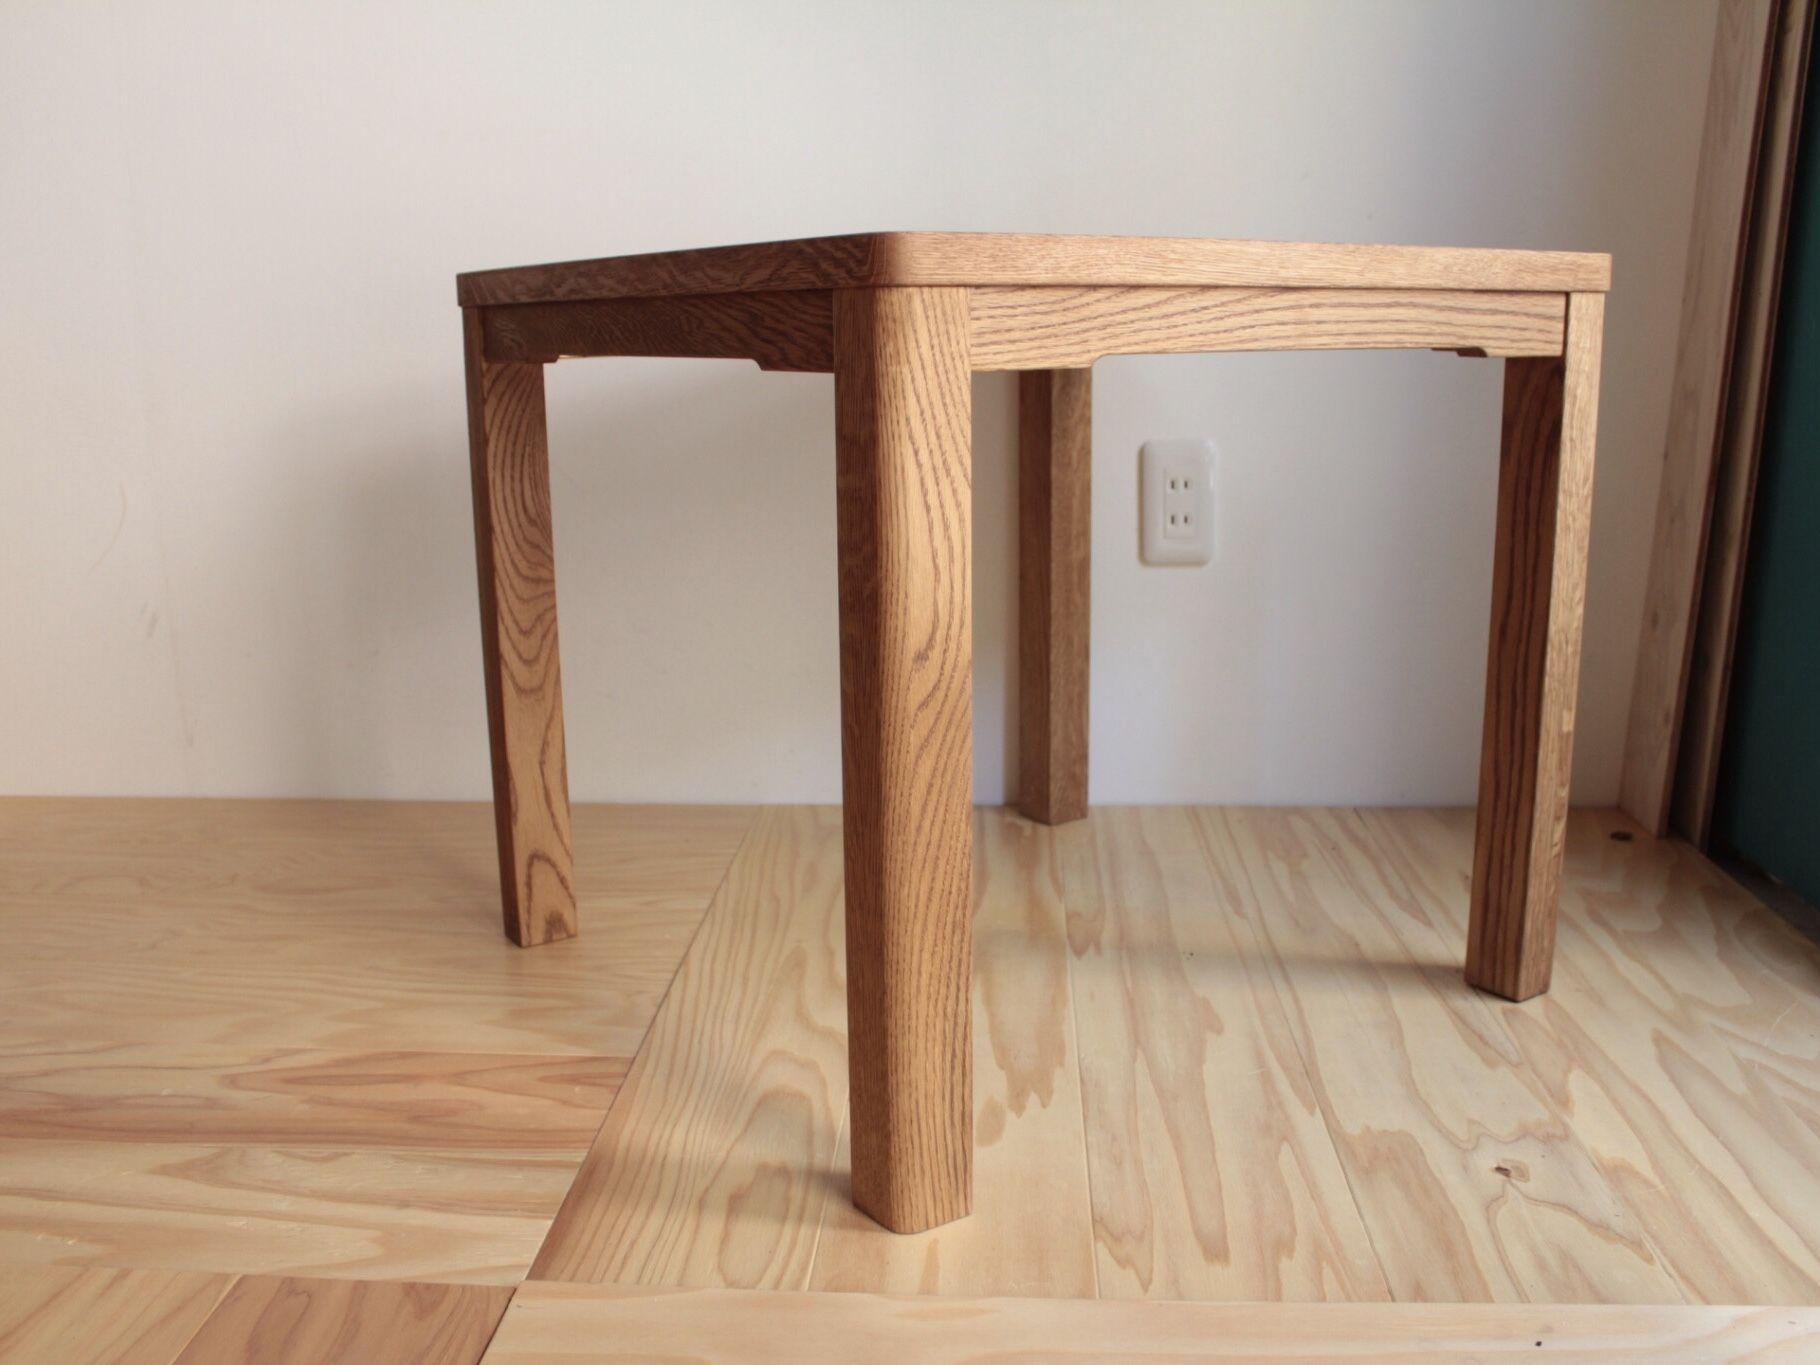 「お部屋のオークの家具に合わせたい!」とのご依頼で製作した、オーダーメイドのローテーブル